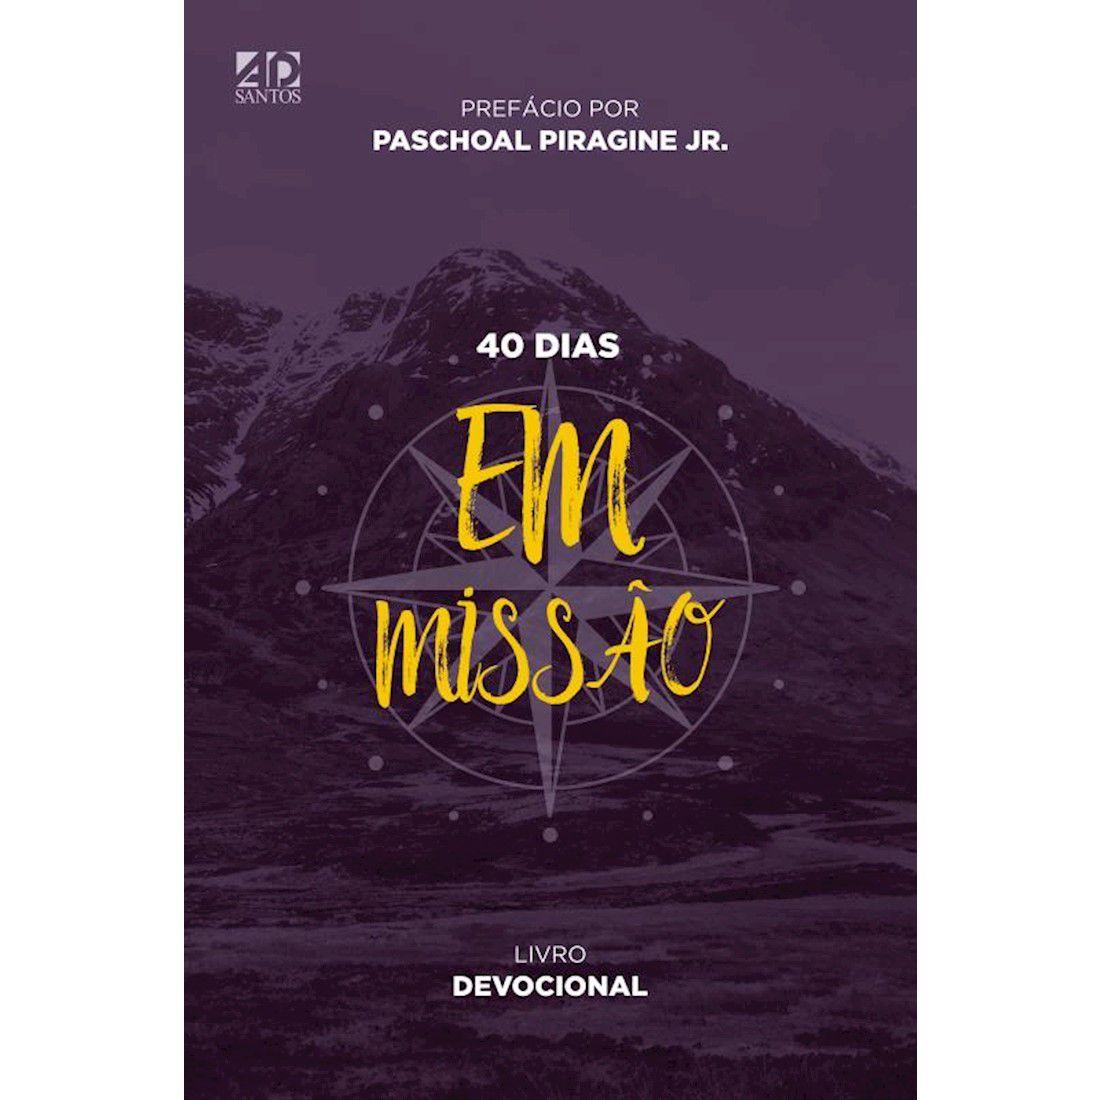 Livro 40 Dias em Missão